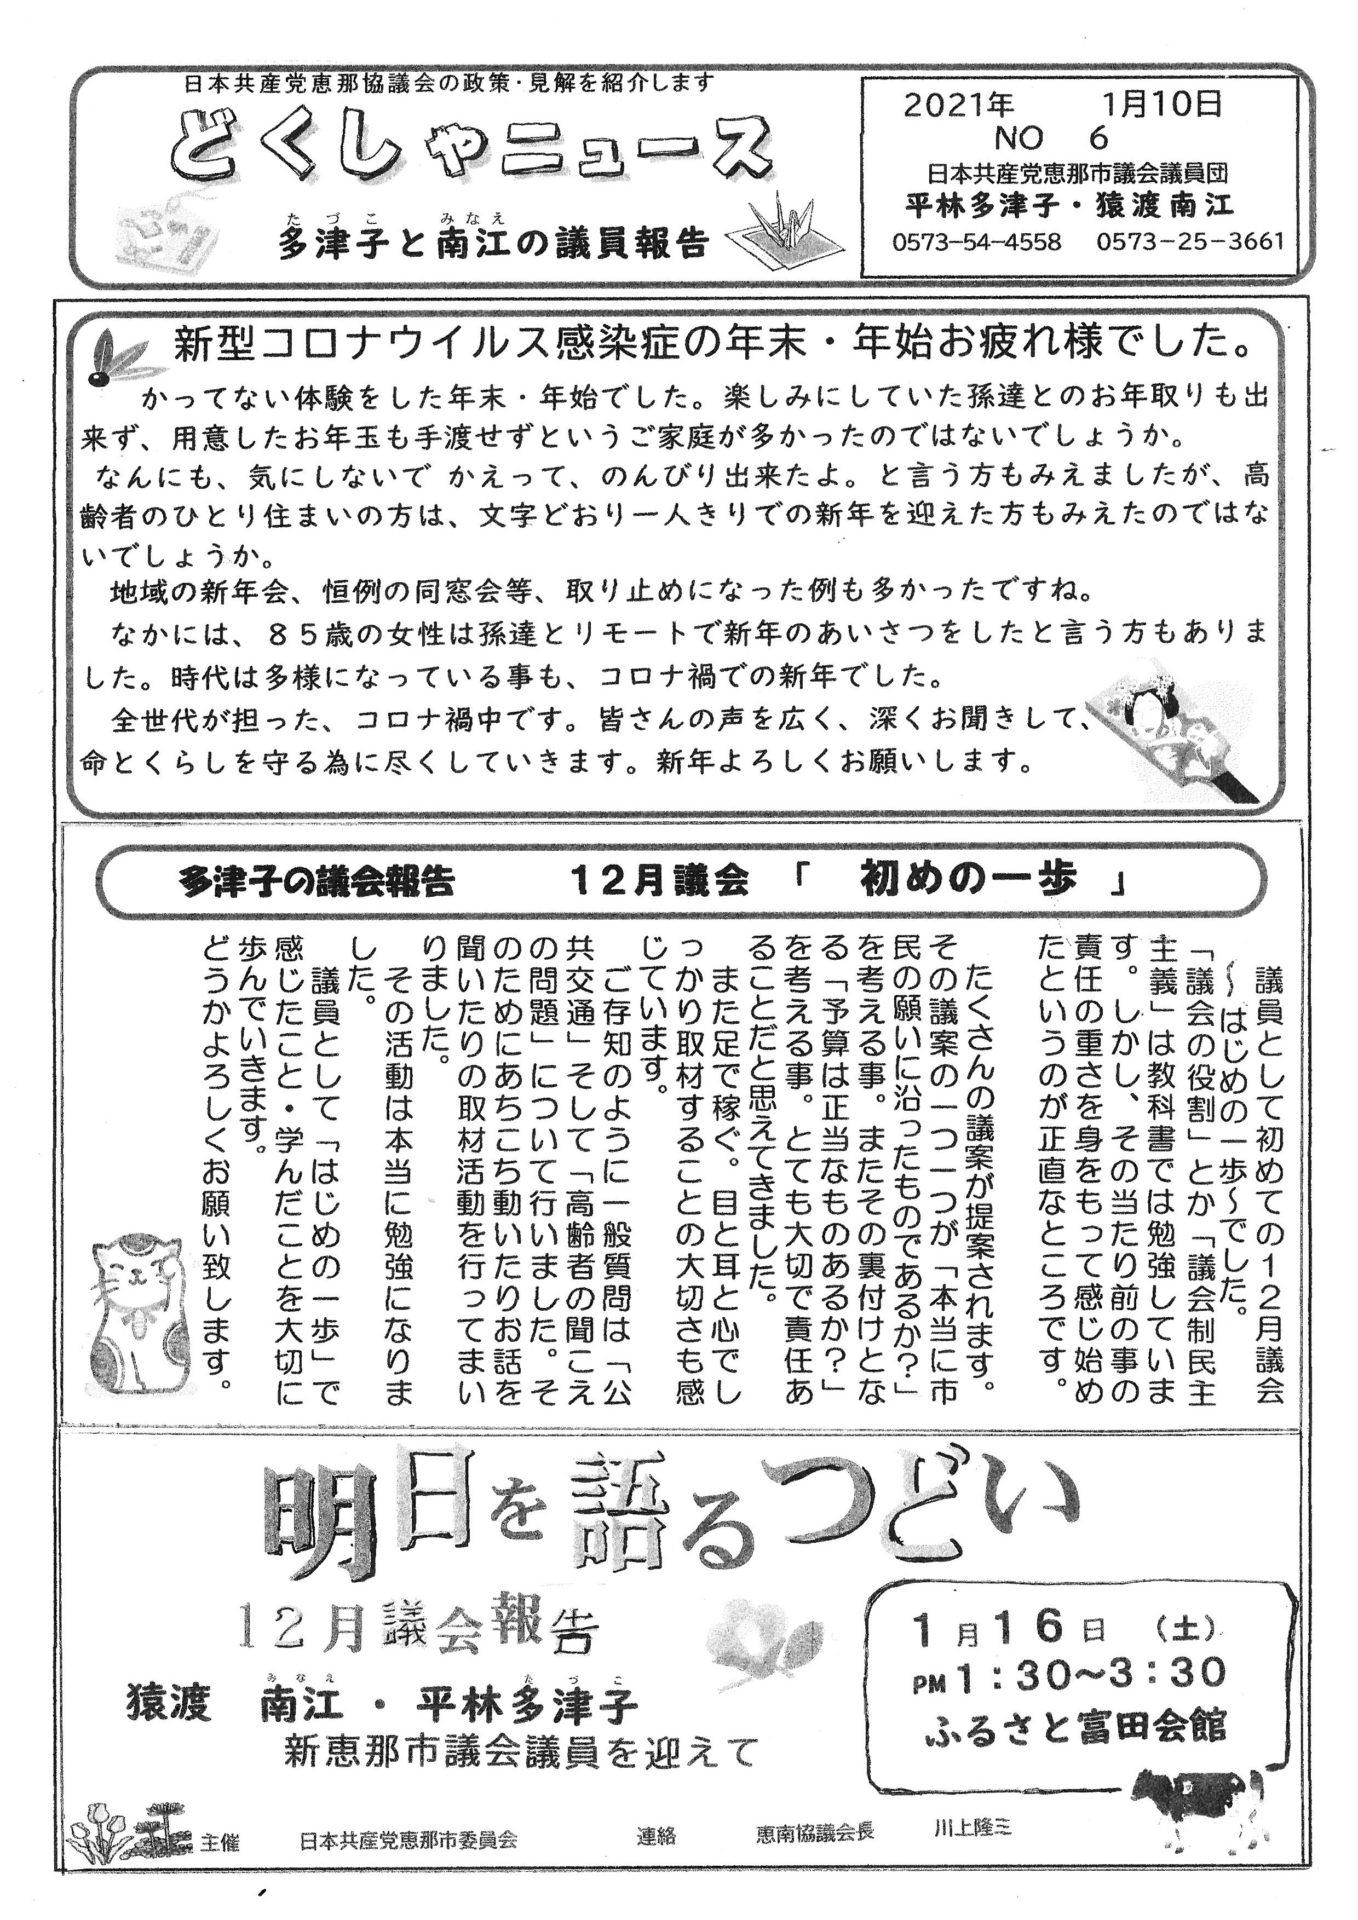 どくしゃニュース 多津子と南江の議員報告 1月10日号